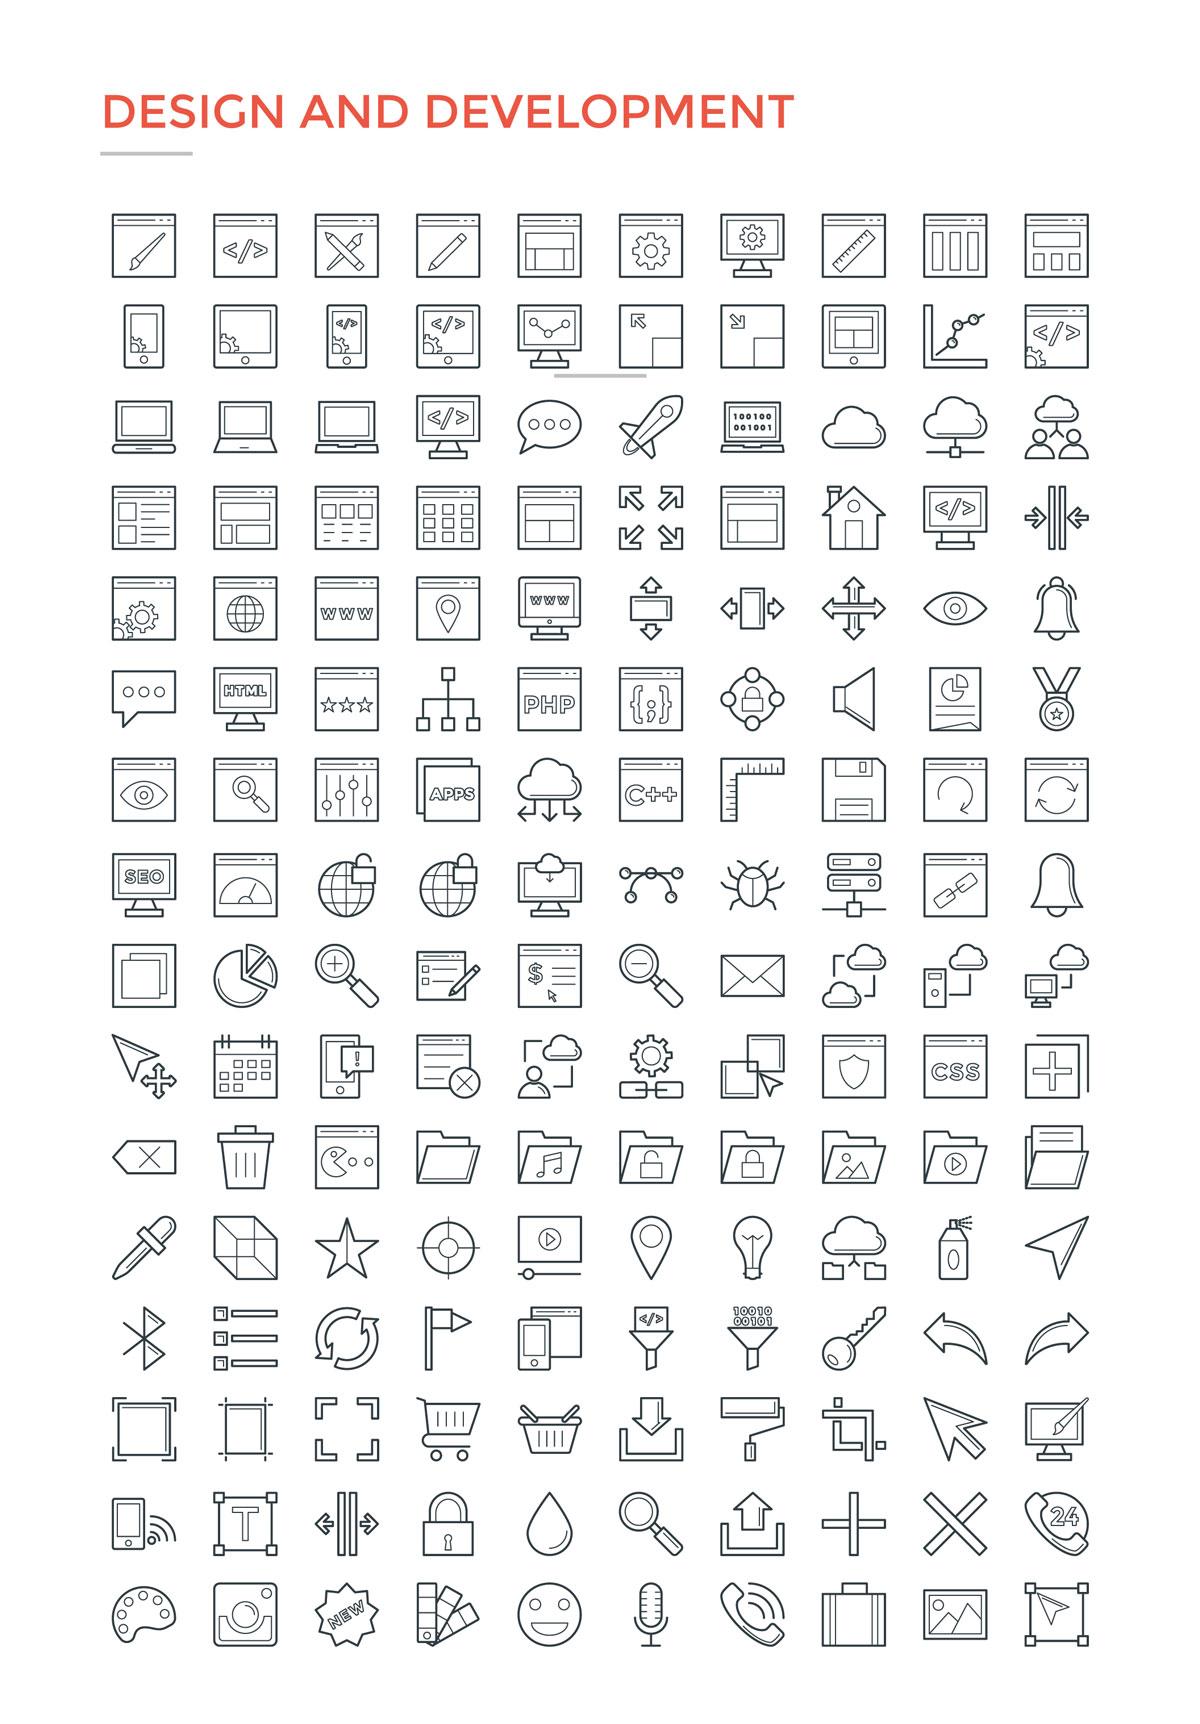 4800款独特的矢量图标合集 4800 Line Icons插图3